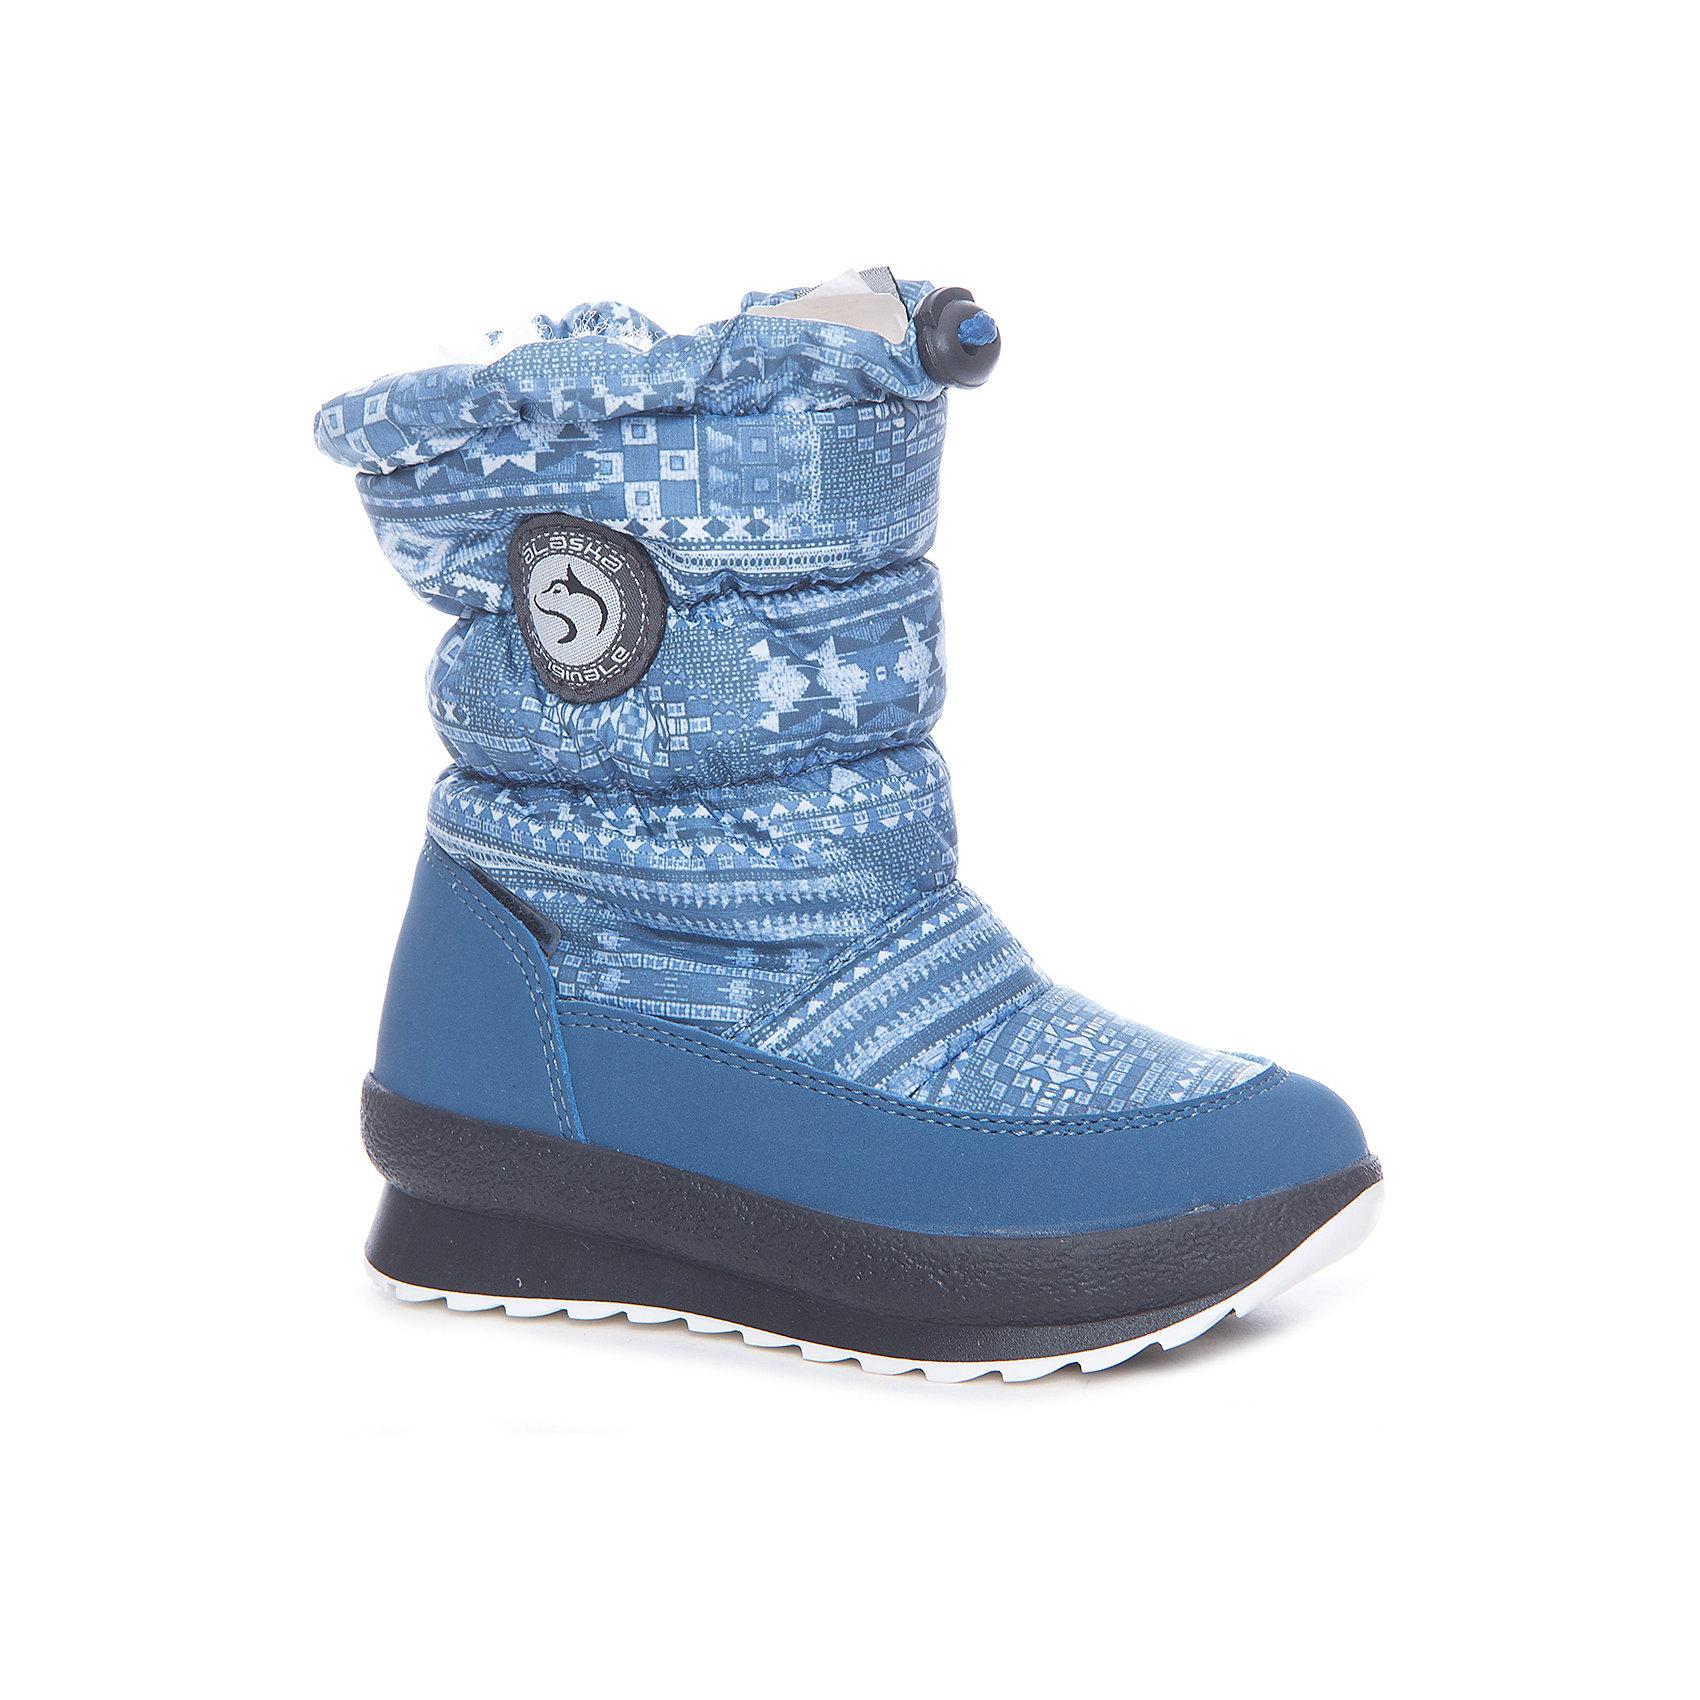 Сапоги  Alaska OriginaleХарактеристики товара:<br><br>• цвет: синий<br>• материал верха: 54% ПЭ, 46% ПА<br>• материал подкладки: текстиль <br>• материал подошвы: термопластик<br>• температурный режим: от-25° до 0° С<br>• мембранный слой<br>• рифленая подошва<br>• застежка: молния, утяжка<br>• толстая устойчивая подошва<br>• усиленные пятка и носок<br>• страна бренда: Италия<br>• страна изготовитель: Румыния<br><br>Качественная обувь особенна важна в суровых условиях русской зимы. Чтобы не пропустить главные зимние удовольствия, нужно запастись теплой и удобной обувью! Такие сапожки обеспечат ребенку необходимый для активного отдыха комфорт, а мембранный слой позволит ножкам оставаться сухими: он выводит наружу лишнюю влагу, не пропуская жидкости внутрь. Сапожки легко надеваются и снимаются, отлично сидят на ноге. <br>Обувь от итальянского бренда Alaska Originale - это качественные товары, созданные с применением новейших технологий и с использованием как натуральных, так и высокотехнологичных материалов. Обувь отличается стильным дизайном и продуманной конструкцией. Изделие производится из качественных и проверенных материалов, которые безопасны для детей.<br><br>Сапоги от бренда Alaska Originale можно купить в нашем интернет-магазине.<br><br>Ширина мм: 257<br>Глубина мм: 180<br>Высота мм: 130<br>Вес г: 420<br>Цвет: синий<br>Возраст от месяцев: 21<br>Возраст до месяцев: 24<br>Пол: Унисекс<br>Возраст: Детский<br>Размер: 24,23,25,26,27<br>SKU: 5198793